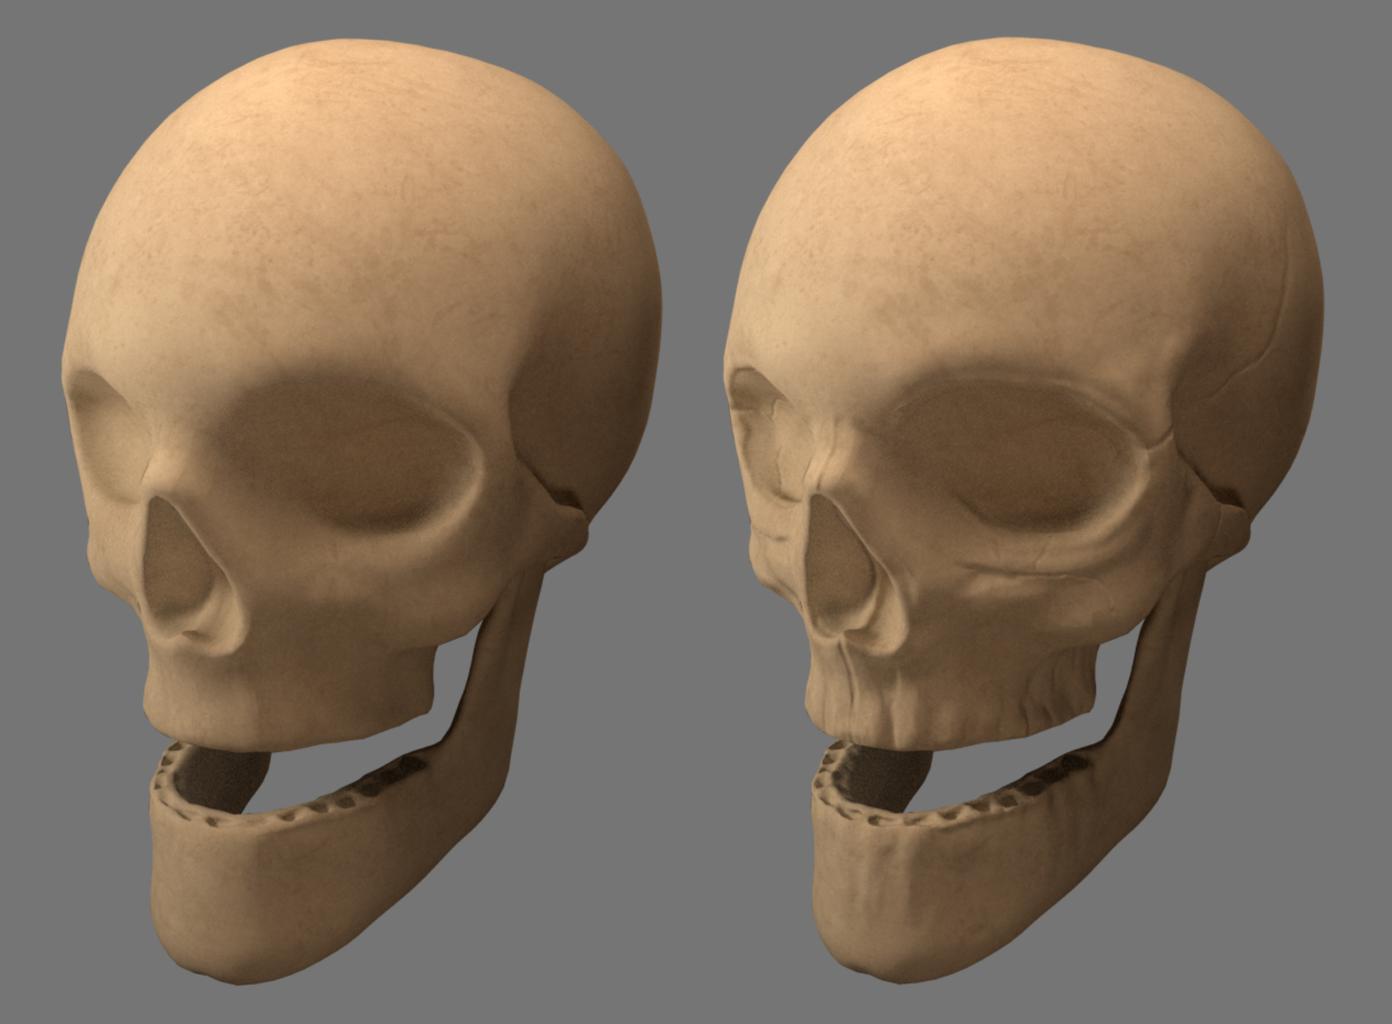 skull_render_normals